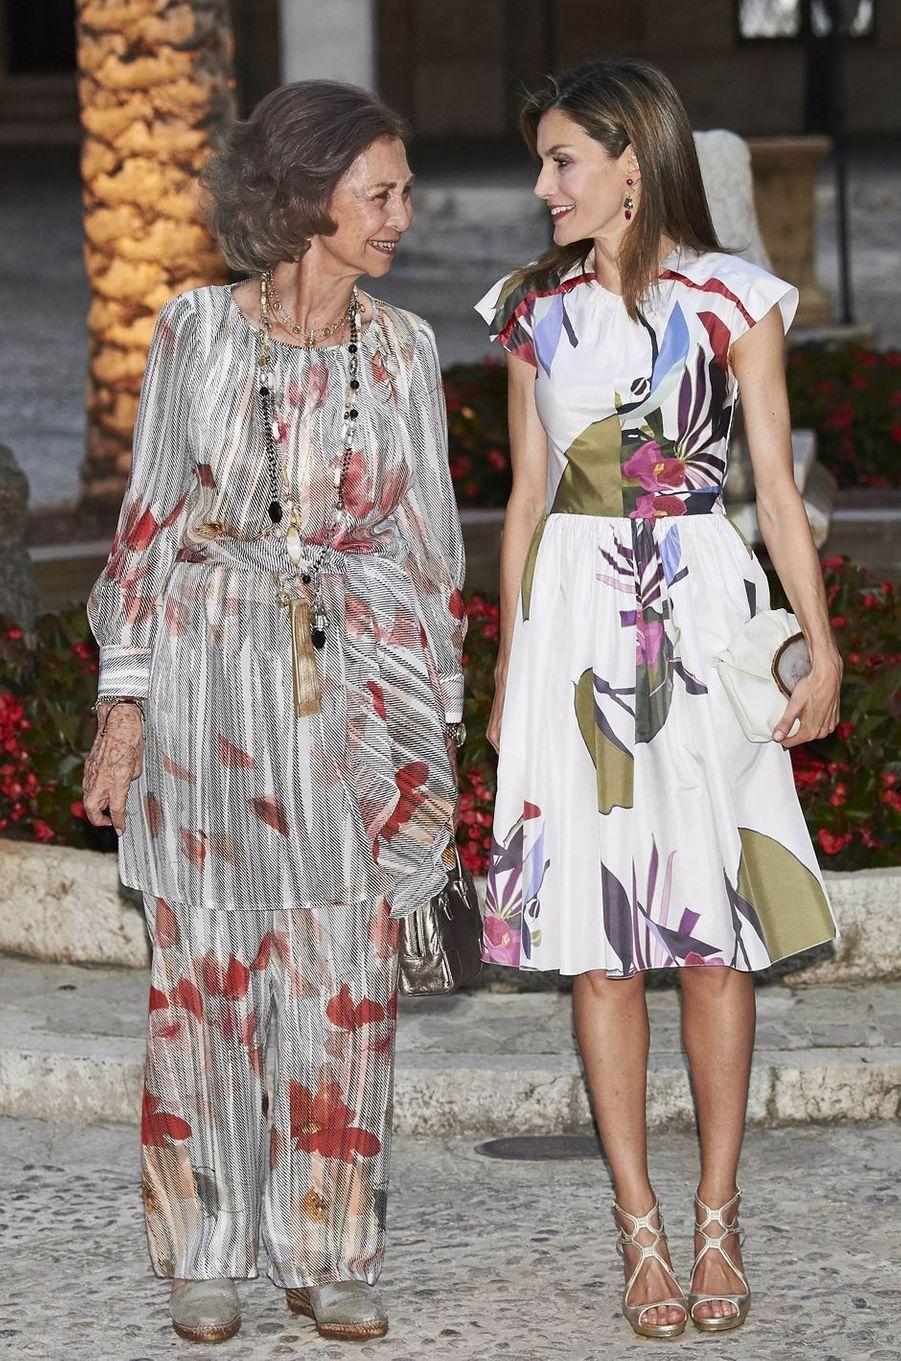 Actuellement en vacances à Palma de Majorque, la reine Letizia et le roi Felipe VI d'Espagne y ont tenu, avec l'ex-reine Sofia, leur réception annuelle, ce dimanche 7 août.